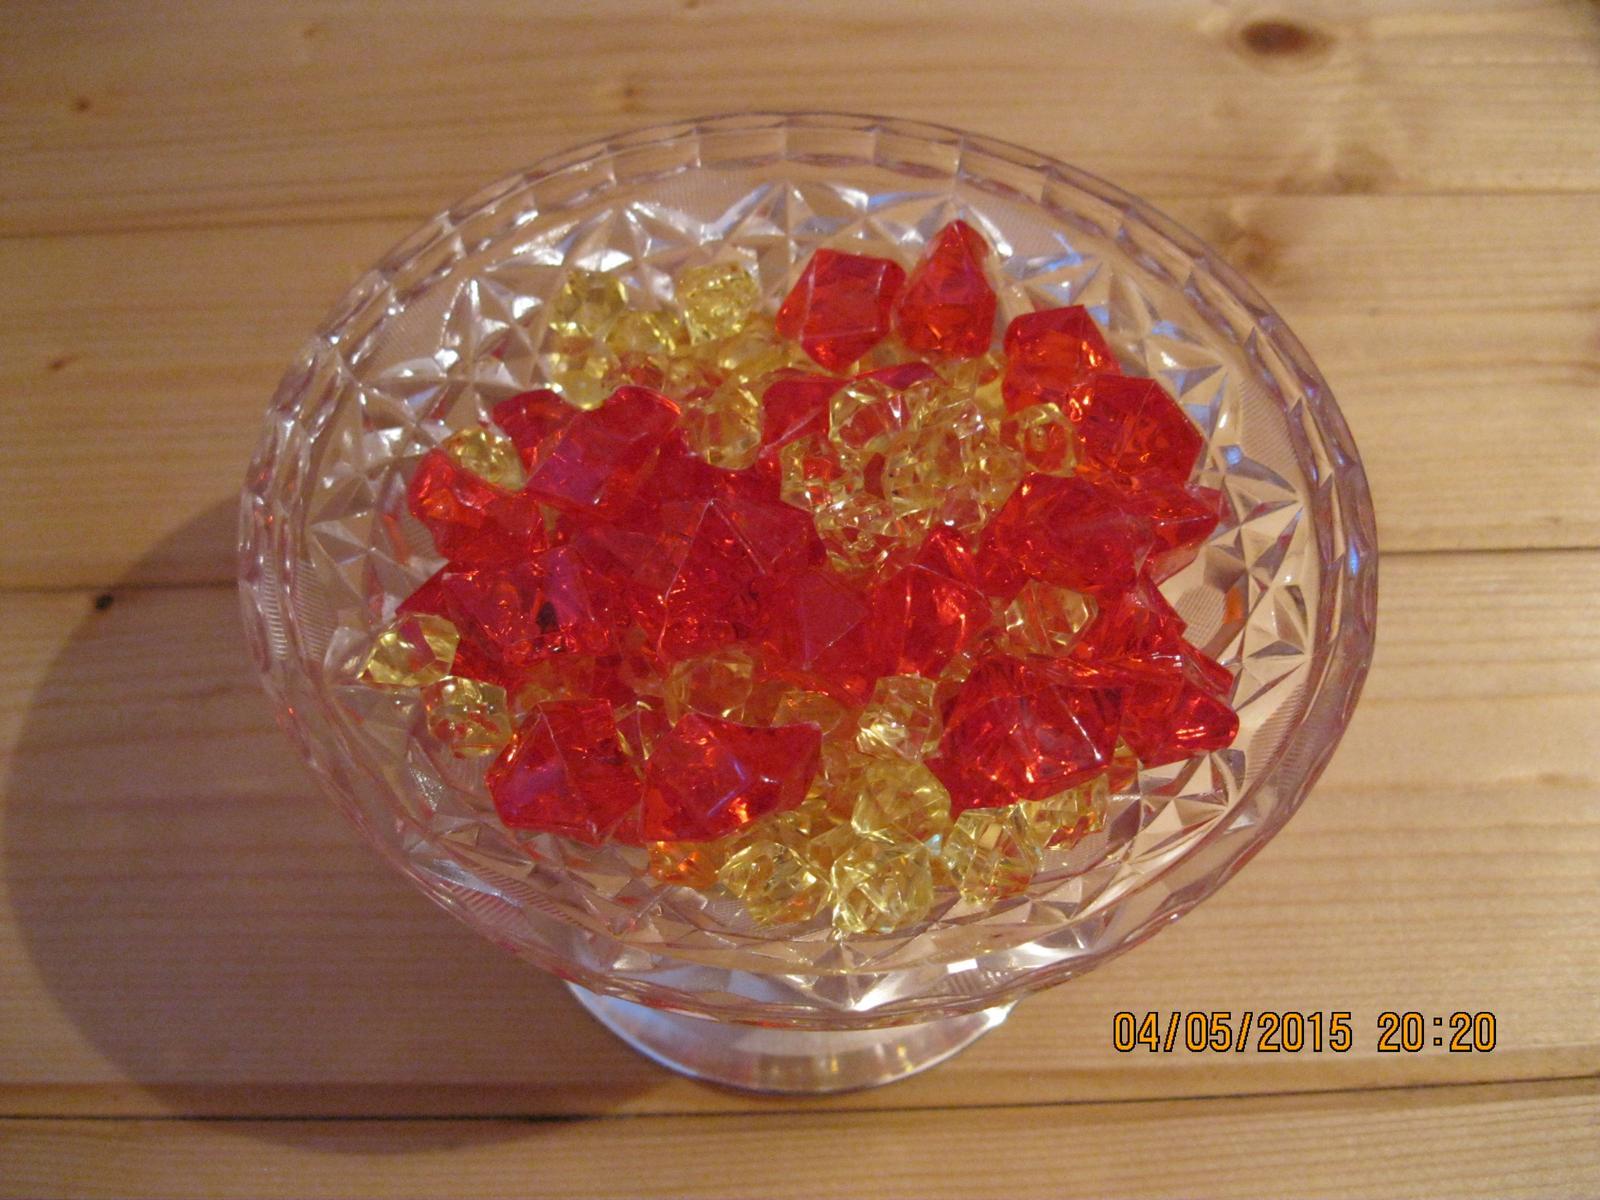 Kamínky červené, 2,5 cm - Obrázek č. 1